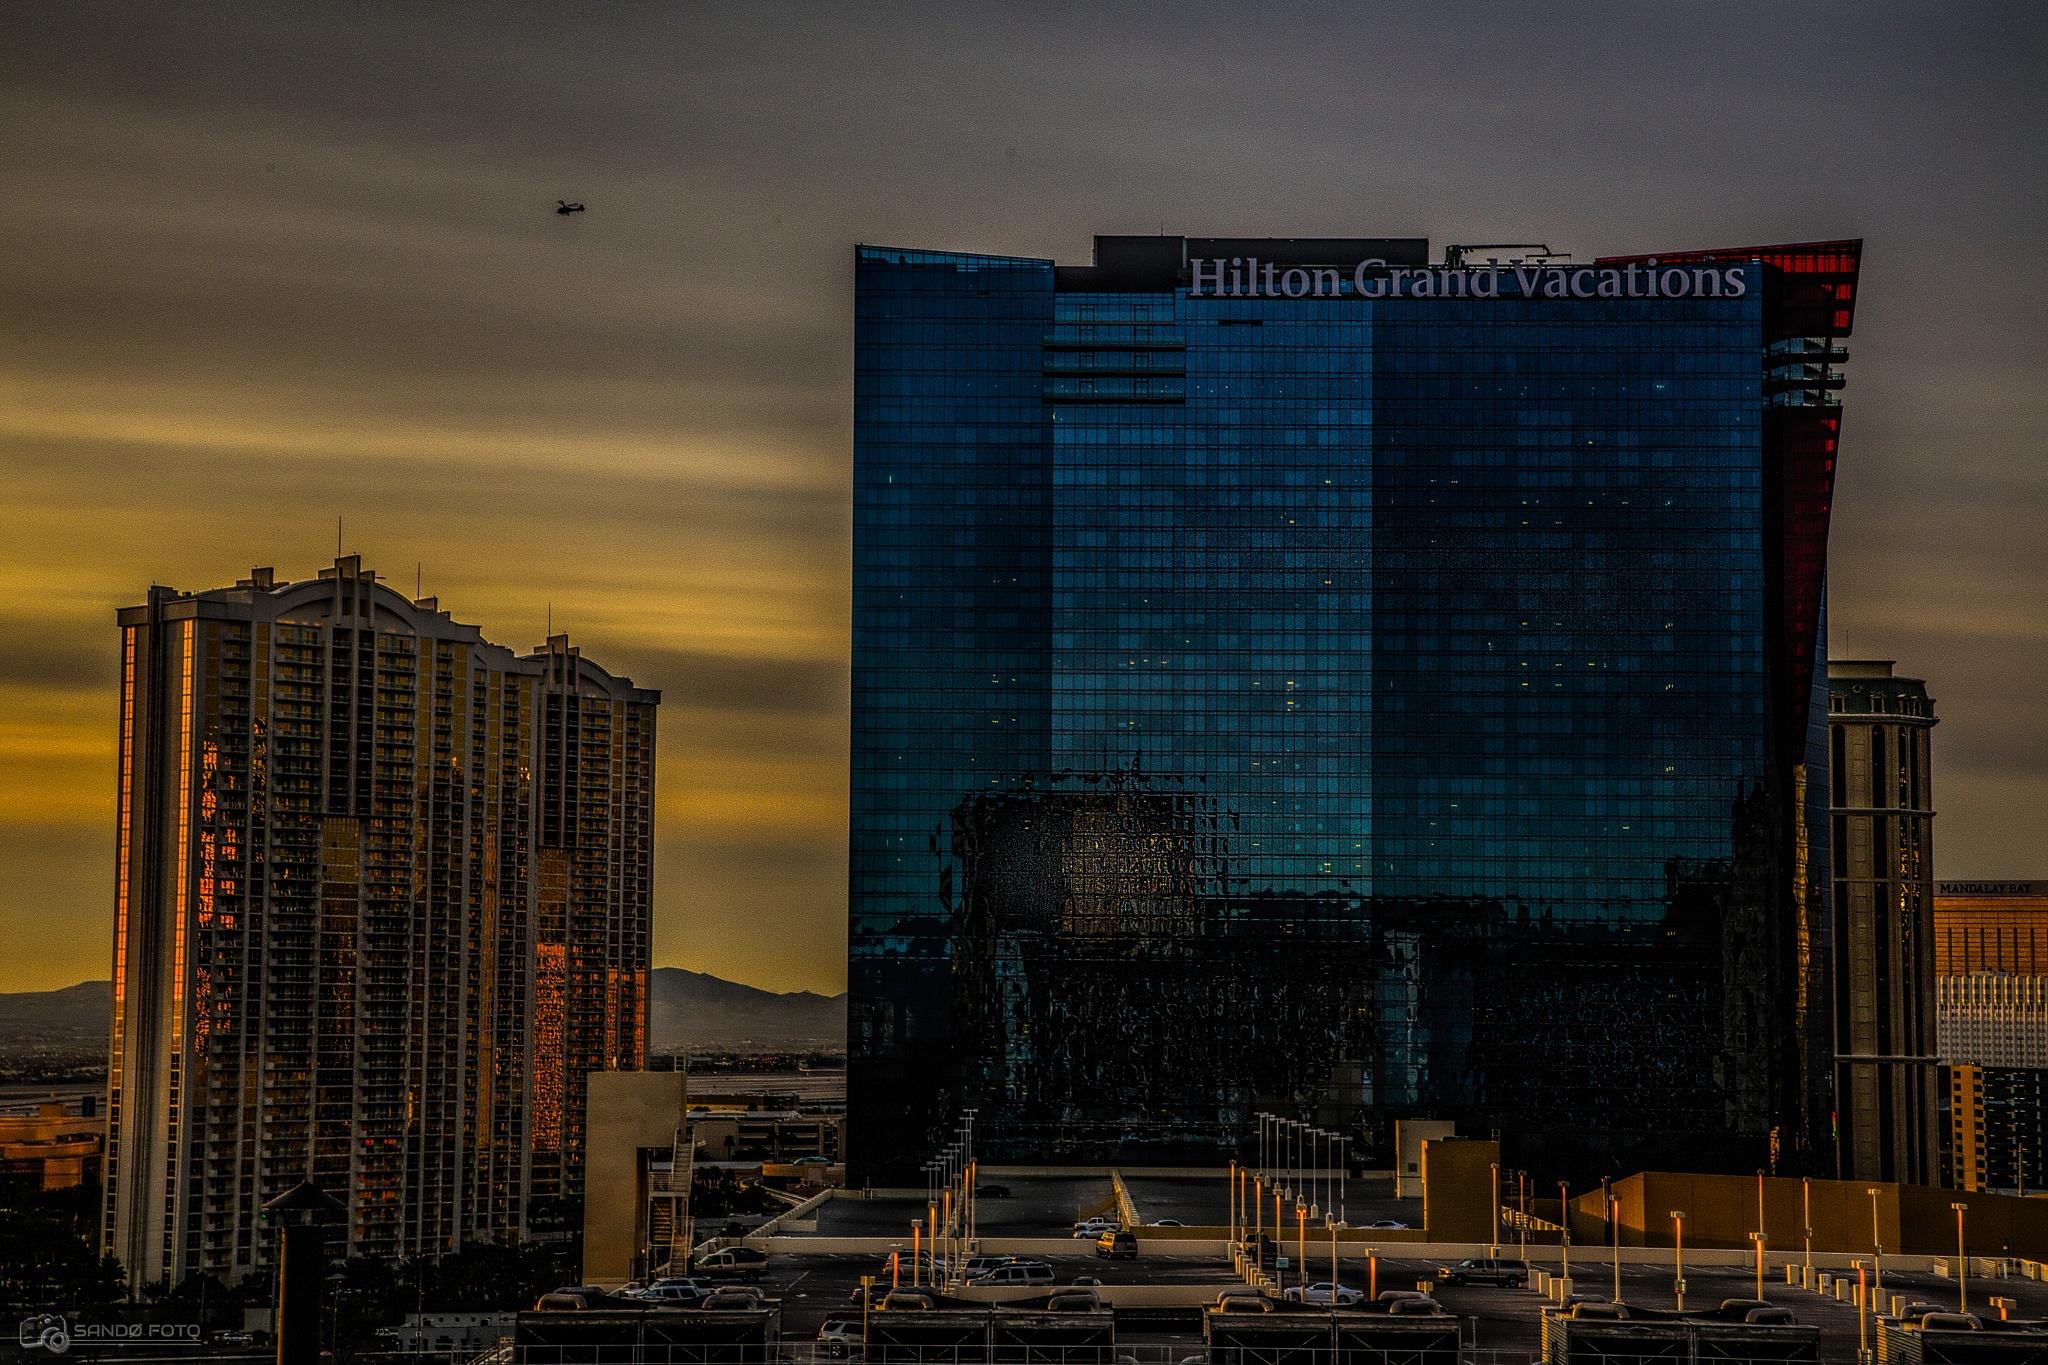 Las Vegas by tjsandofoto